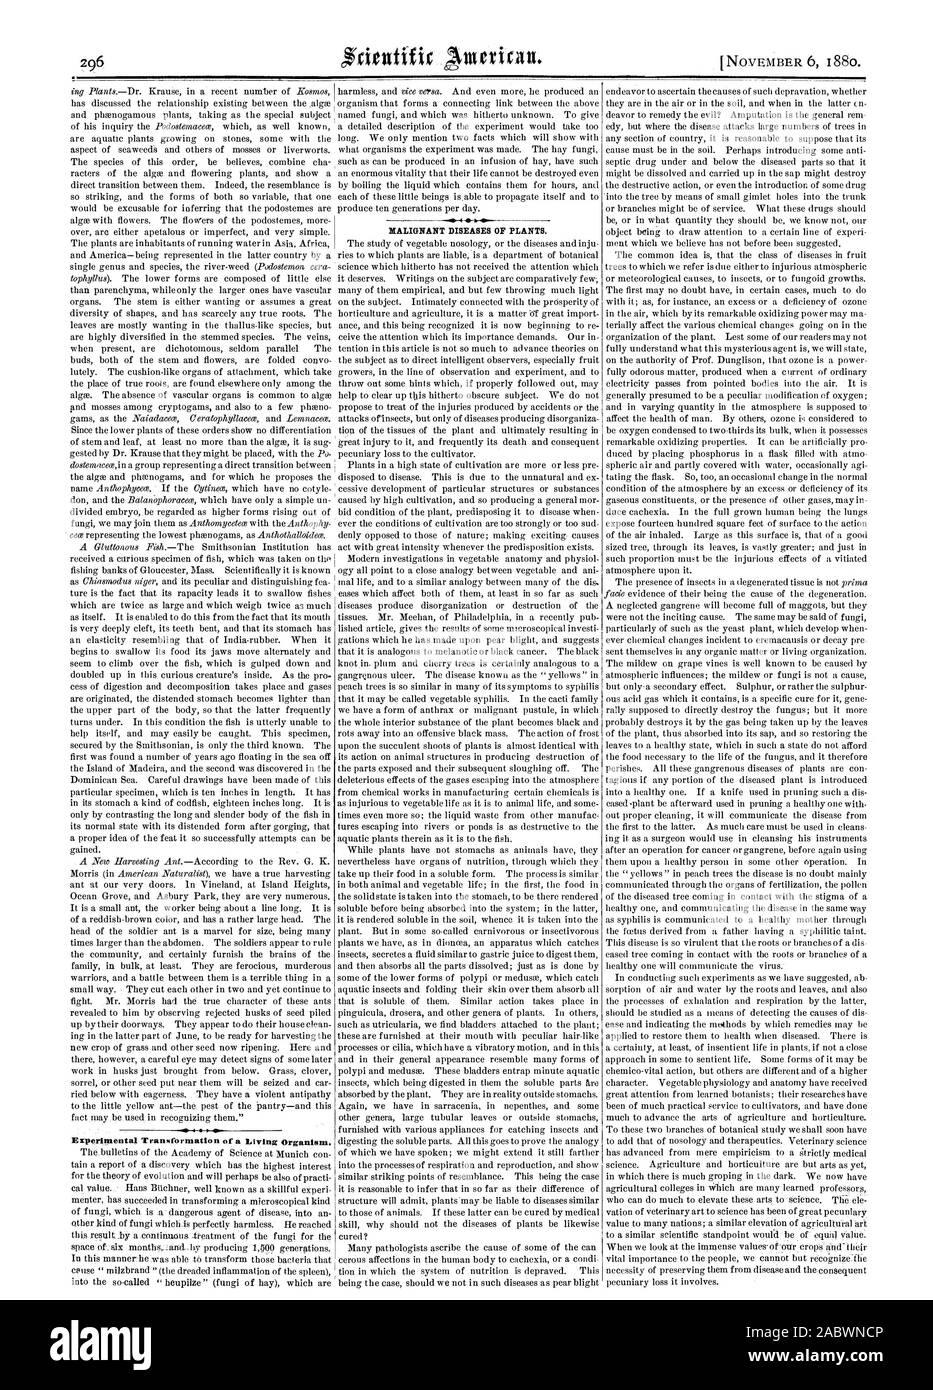 Transformation d'expérimentation d'un organisme vivant. Les maladies malignes DE PLANTES., Scientific American, 1880-11-06 Banque D'Images